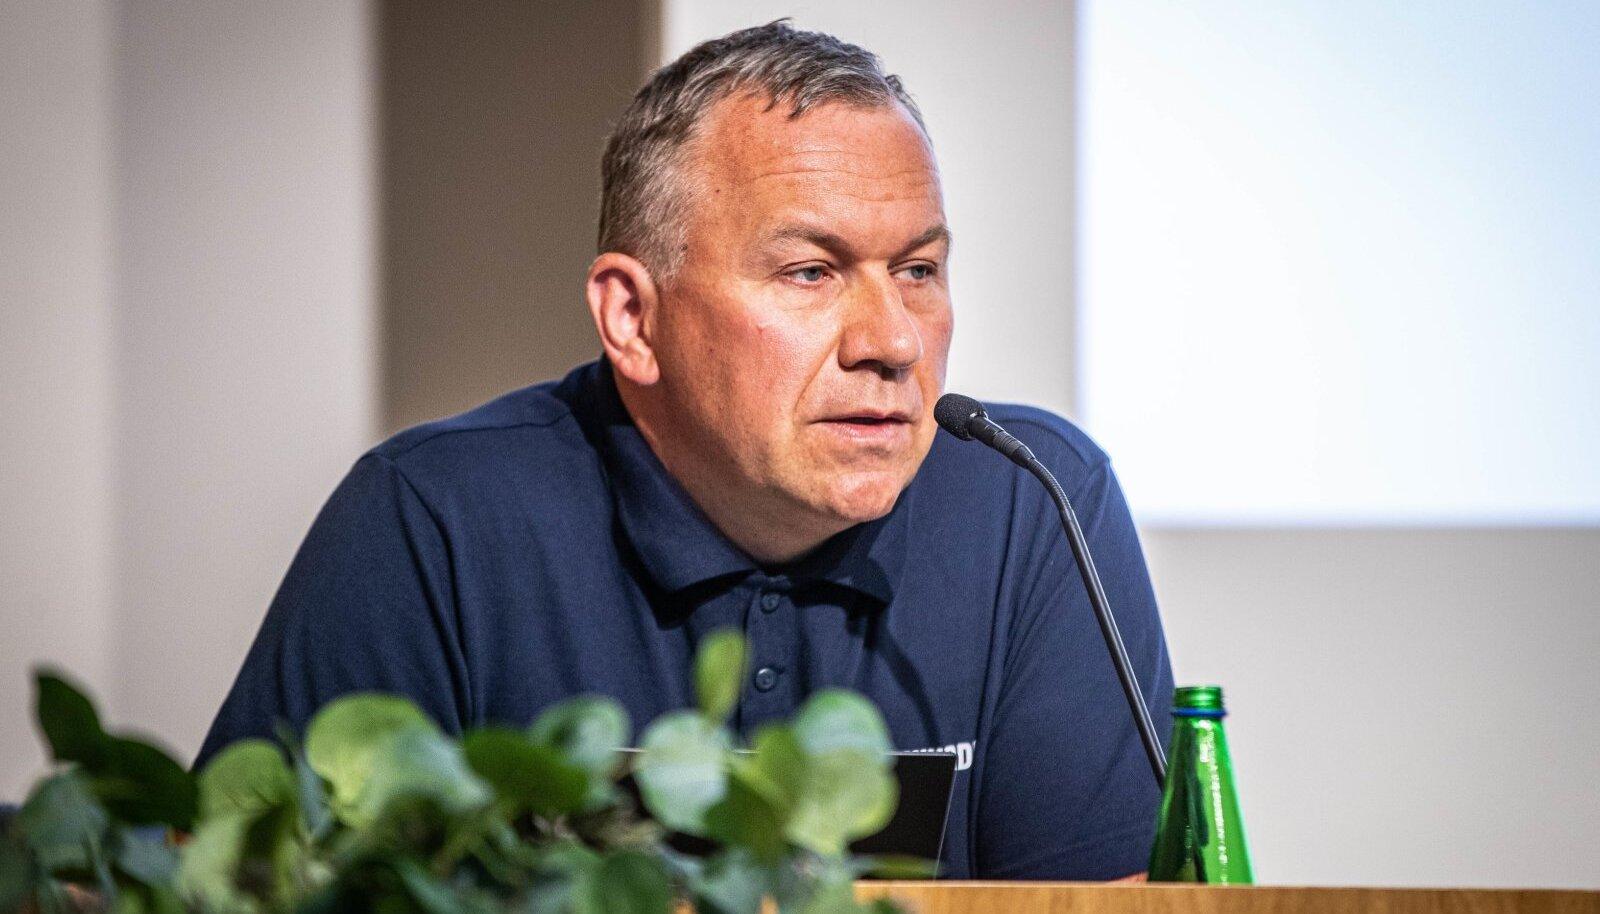 Rene Arikas kinnitab, et kõrgtasemel seadmetega ei suudetud tuvastada, et laeva vööriramp oleks tulnud eest ära inimtegevuse tõttu.